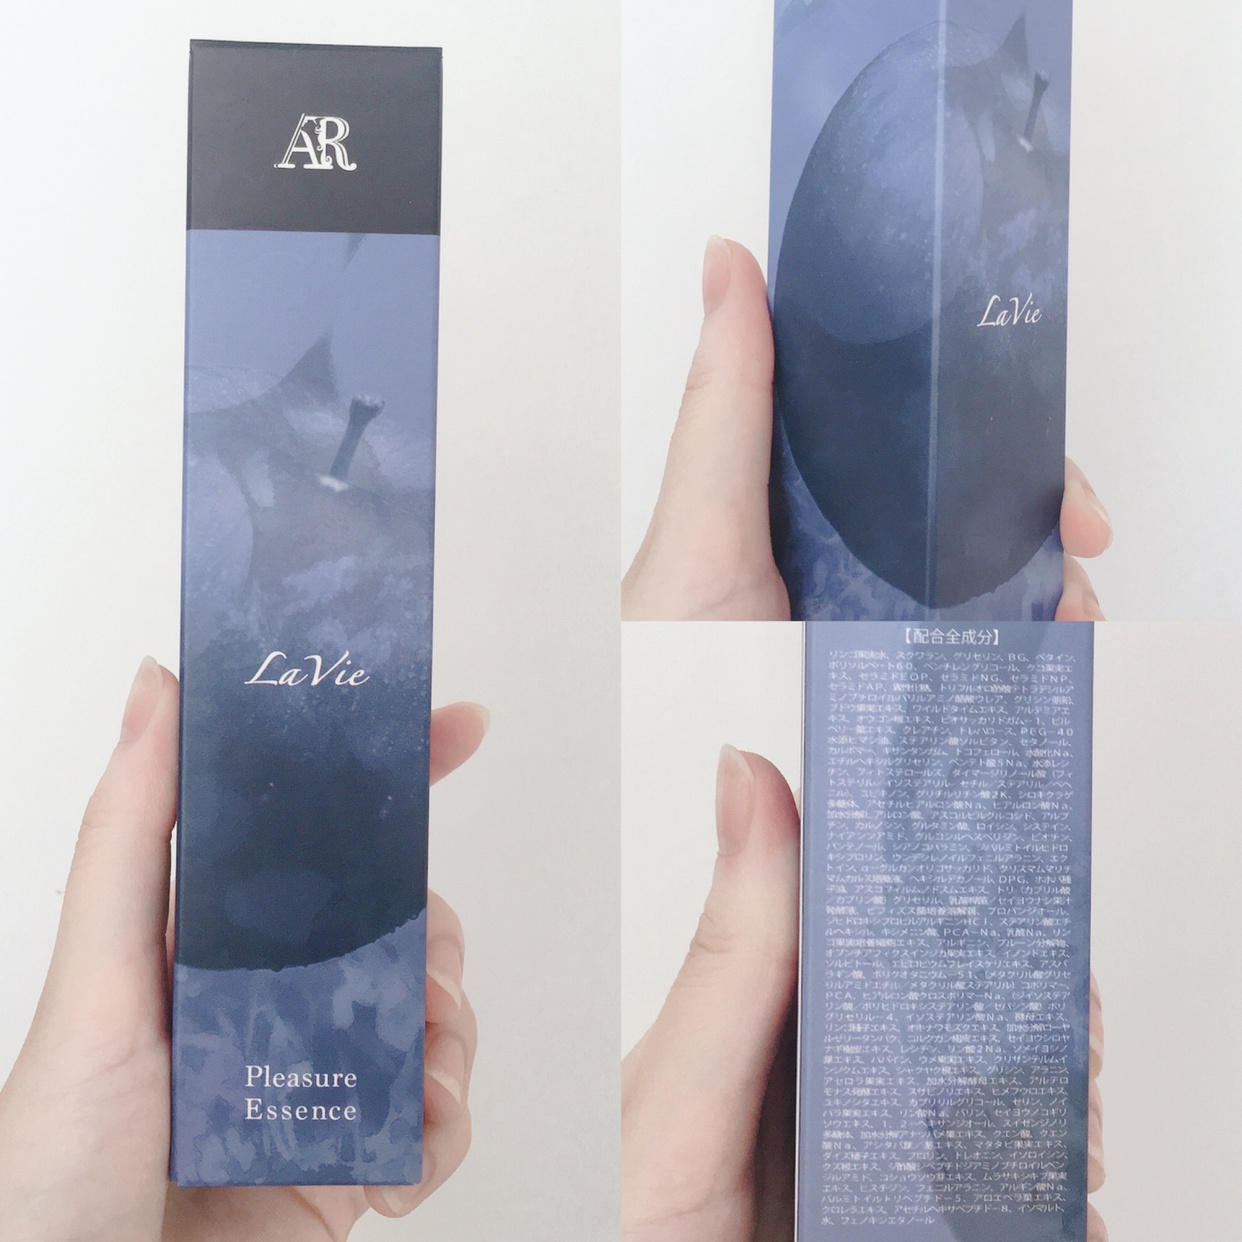 AR Cosmetics TOKYO(エーアールコスメティクストウキョウ) AR美容液を使ったyunaさんのクチコミ画像1